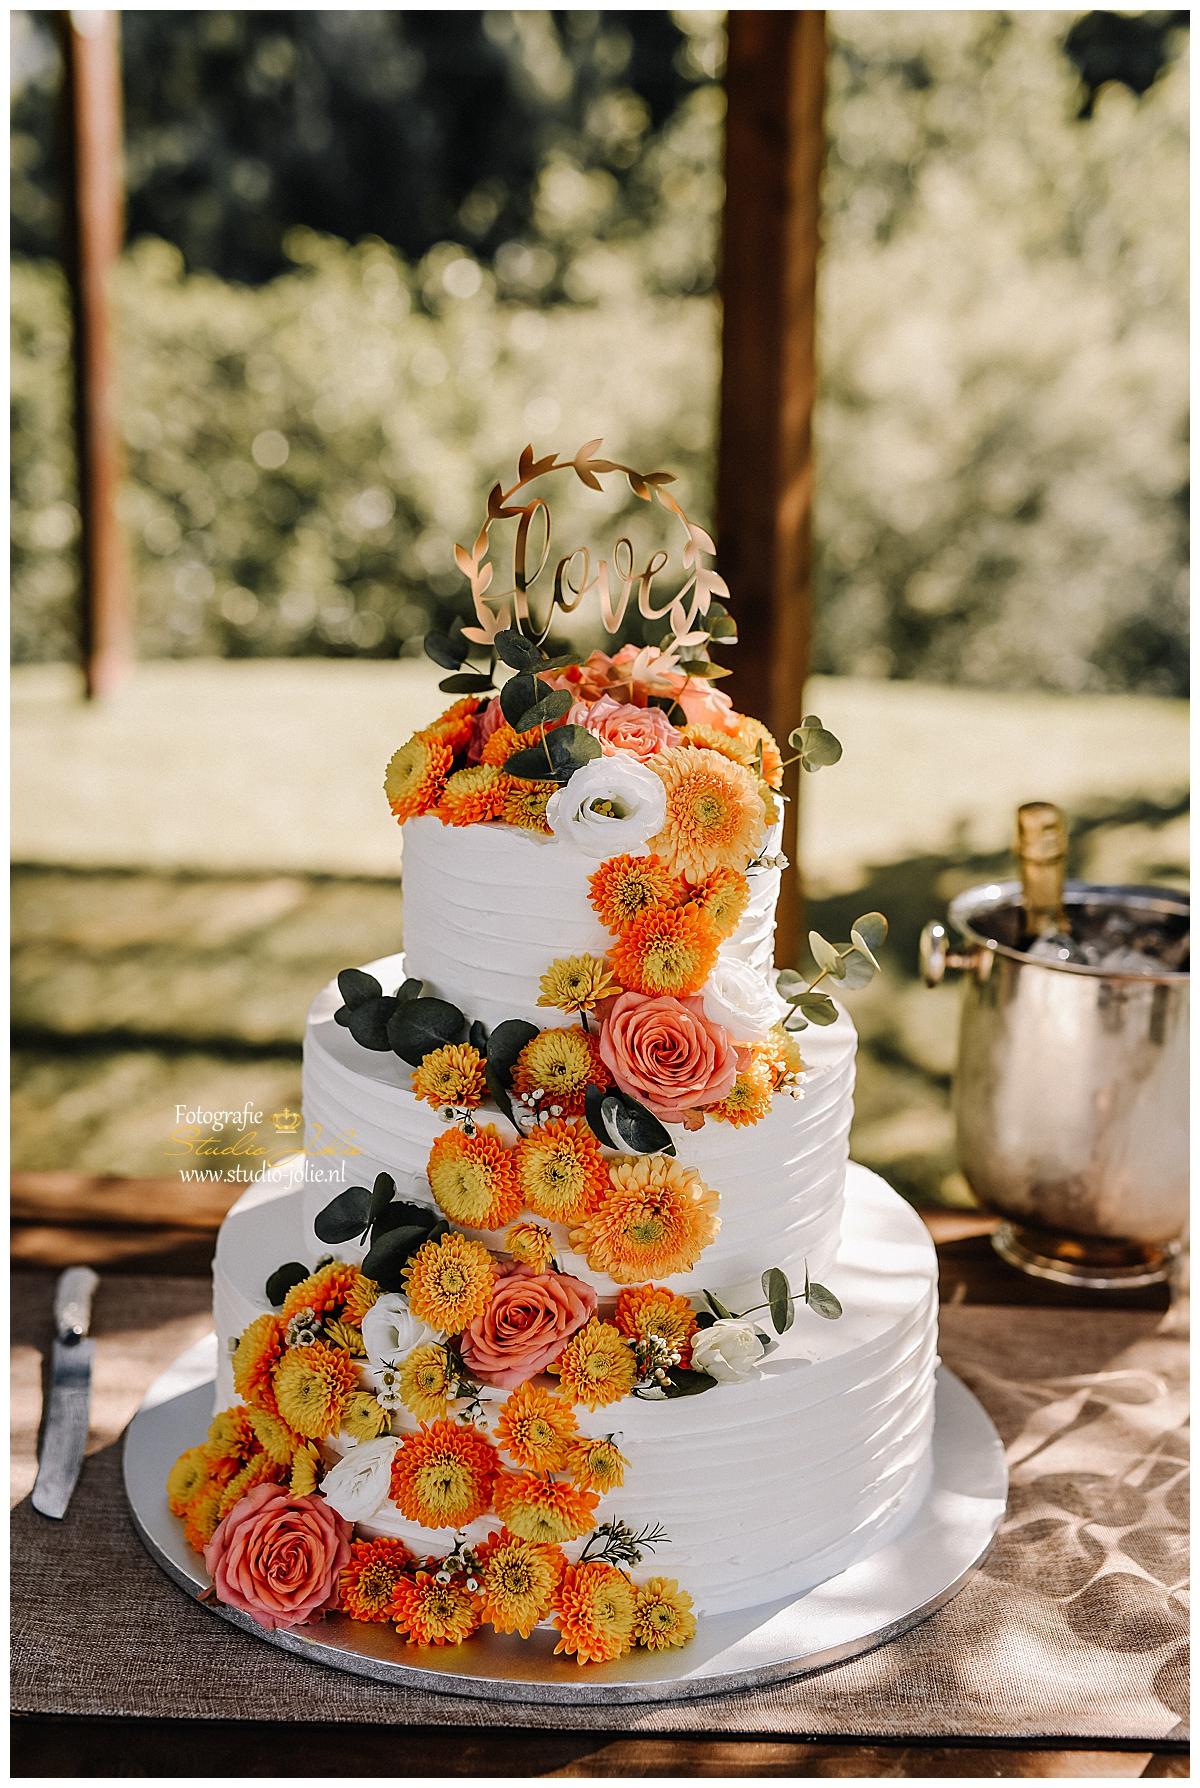 bruilolft taart.jpg